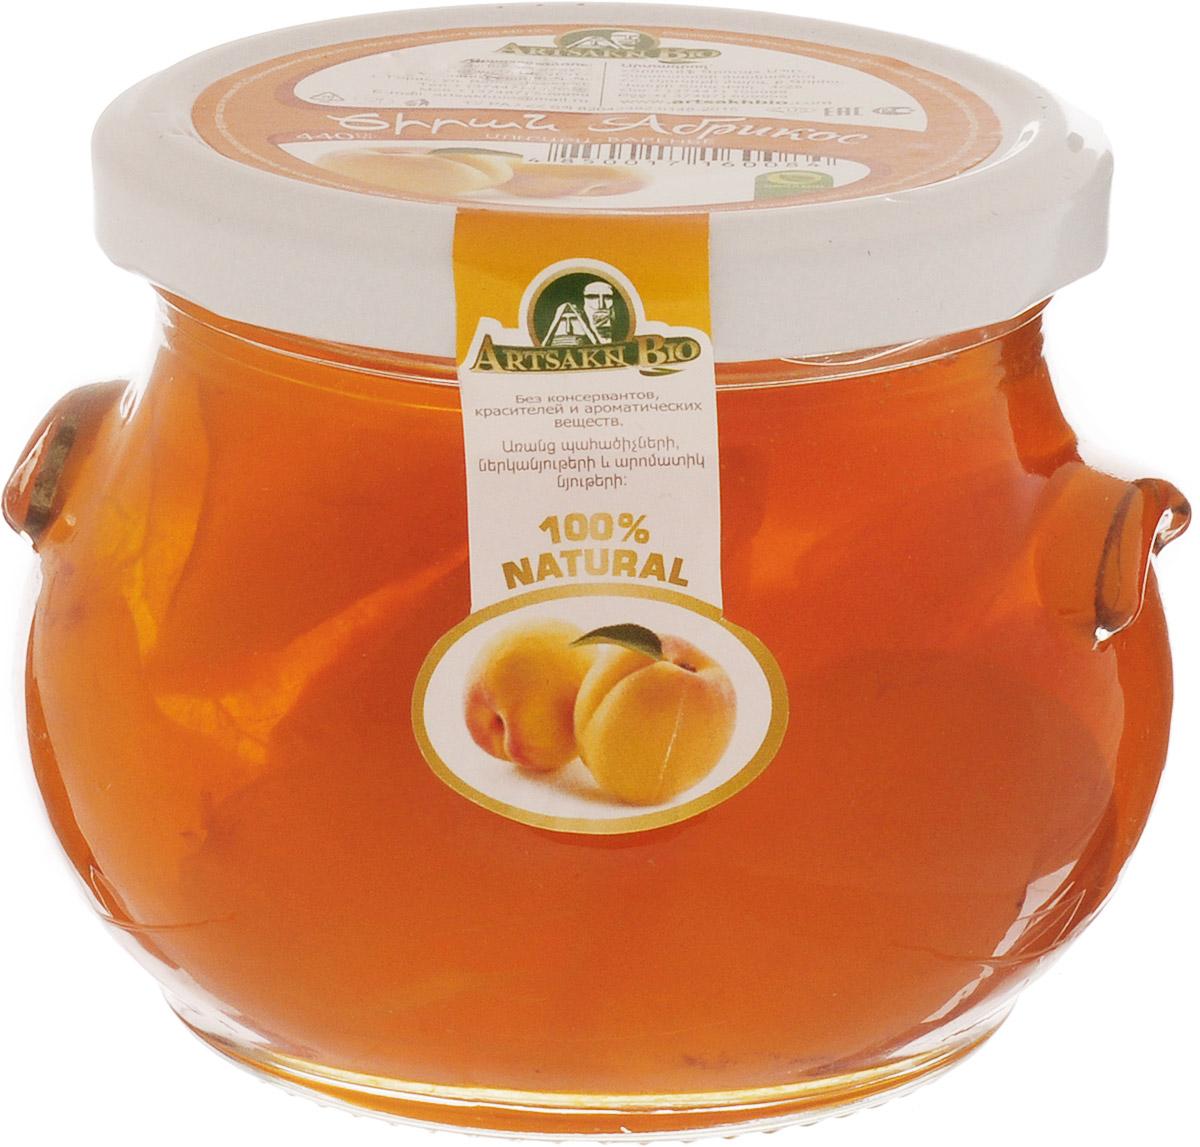 Artsakh Bio варенье из абрикоса, 440 г24408Варенье из абрикоса полезно для сердечно-сосудистой системы. Оно улучшает обмен веществ и пищеварение.Абрикосы показаны при желудочных заболеваниях и нарушении обмена веществ. Они мягко, но надолго возбуждают железистый аппарат желудка и нормализуют кислотность желудочного сока, что приводит в норму деятельность поджелудочной железы, а в силу этого улучшается работа печени и желчного пузыря.